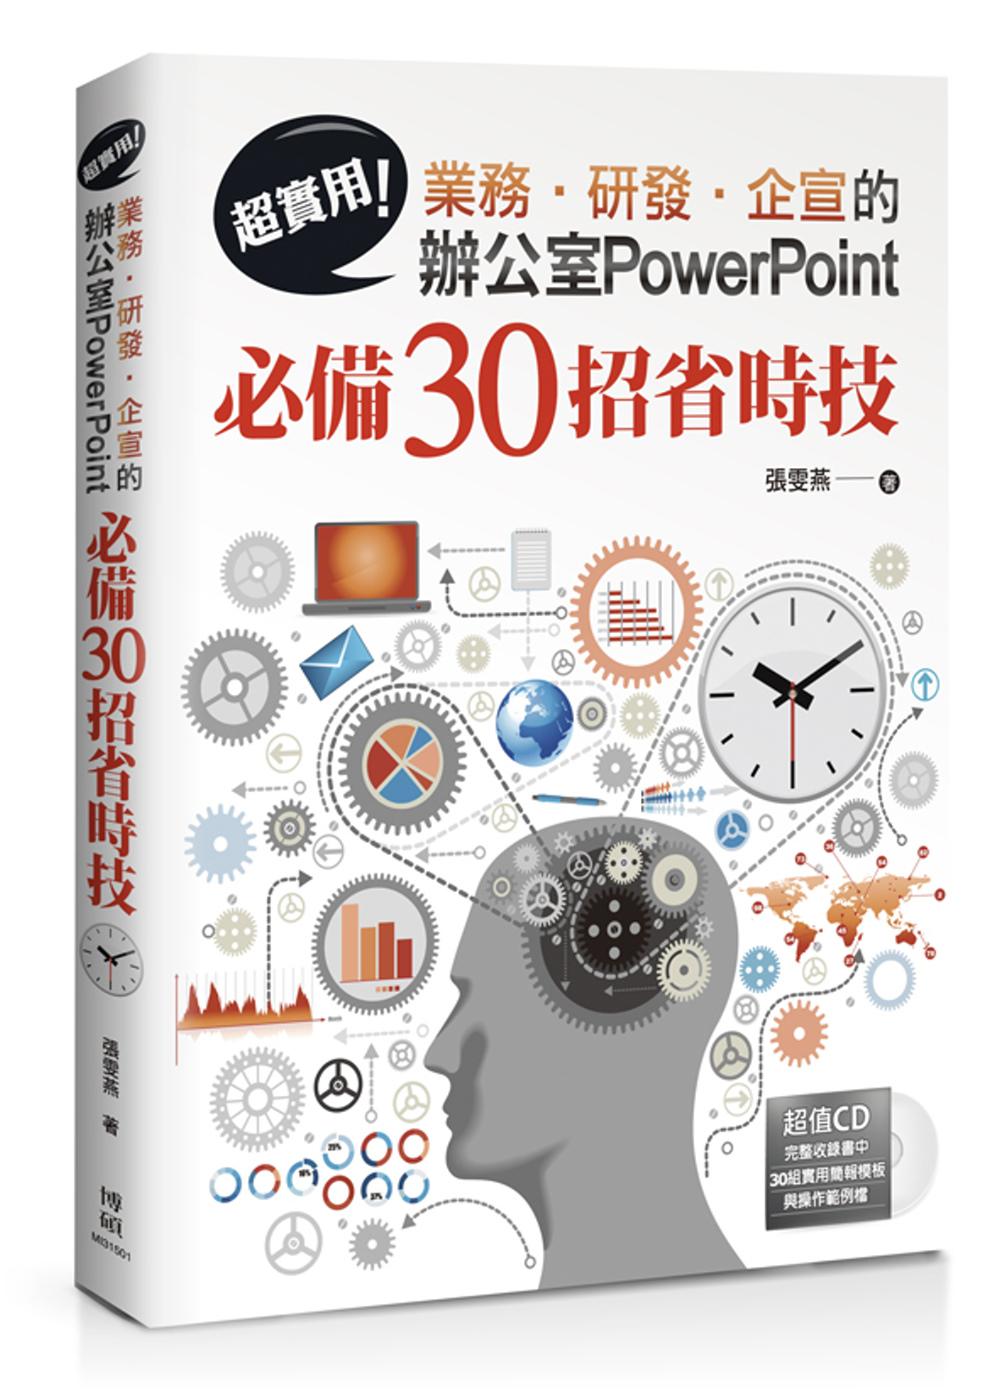 超 ^!業務‧研發‧企宣的辦公室PowerPoint 30招省時技